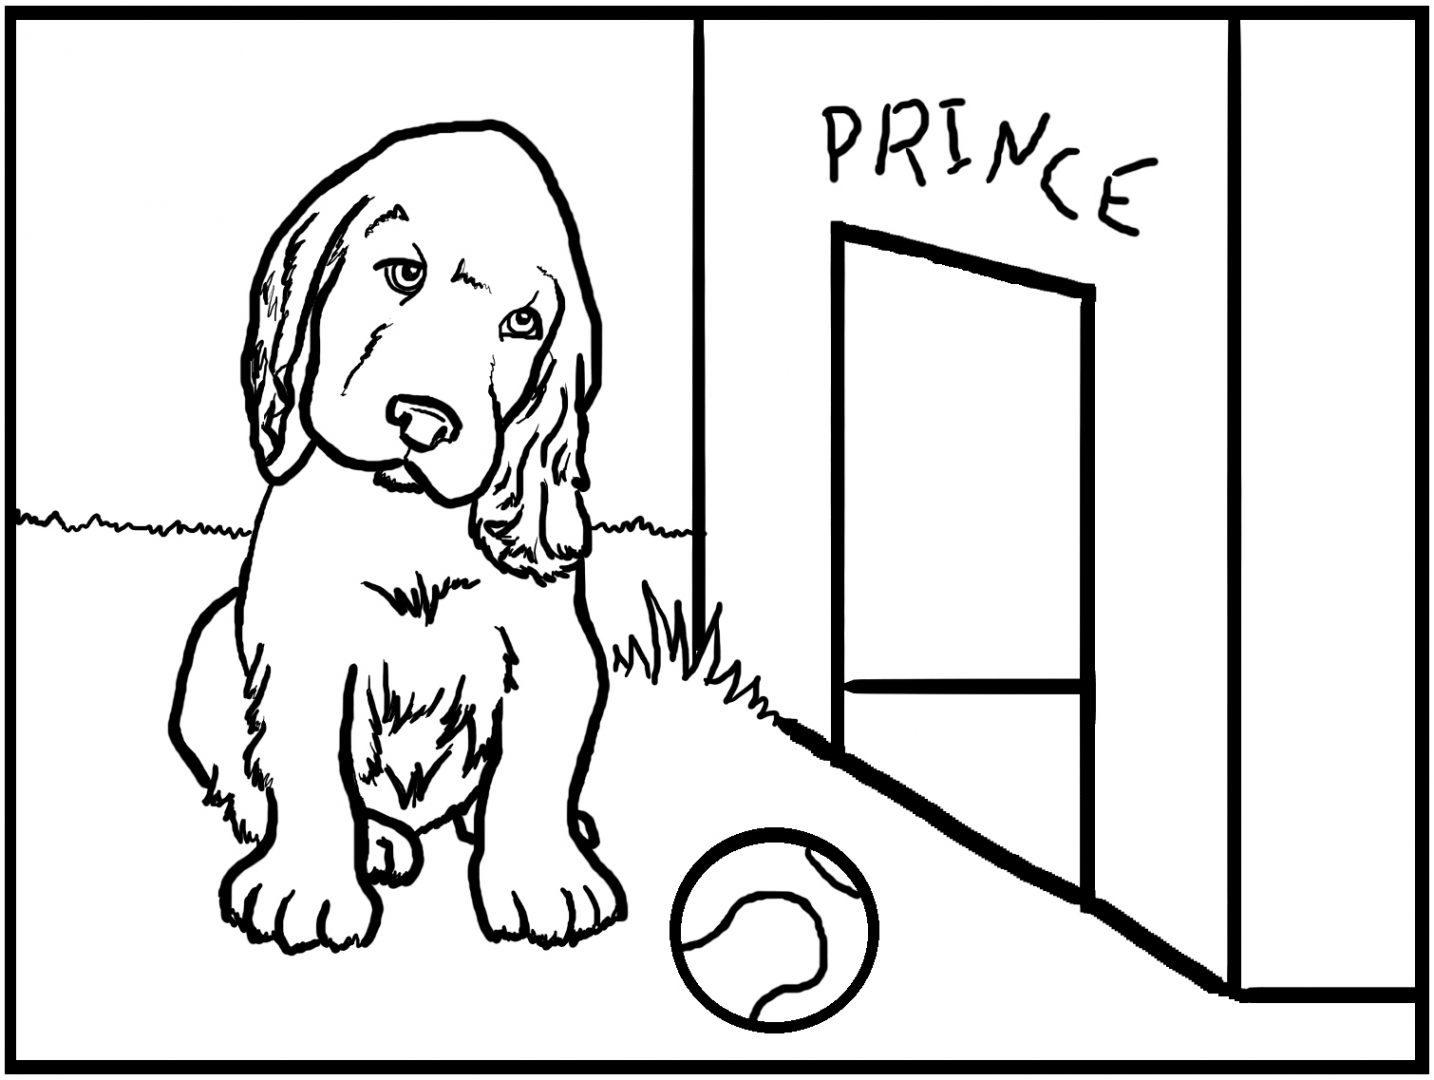 Galería de imágenes: Dibujos de perros para colorear